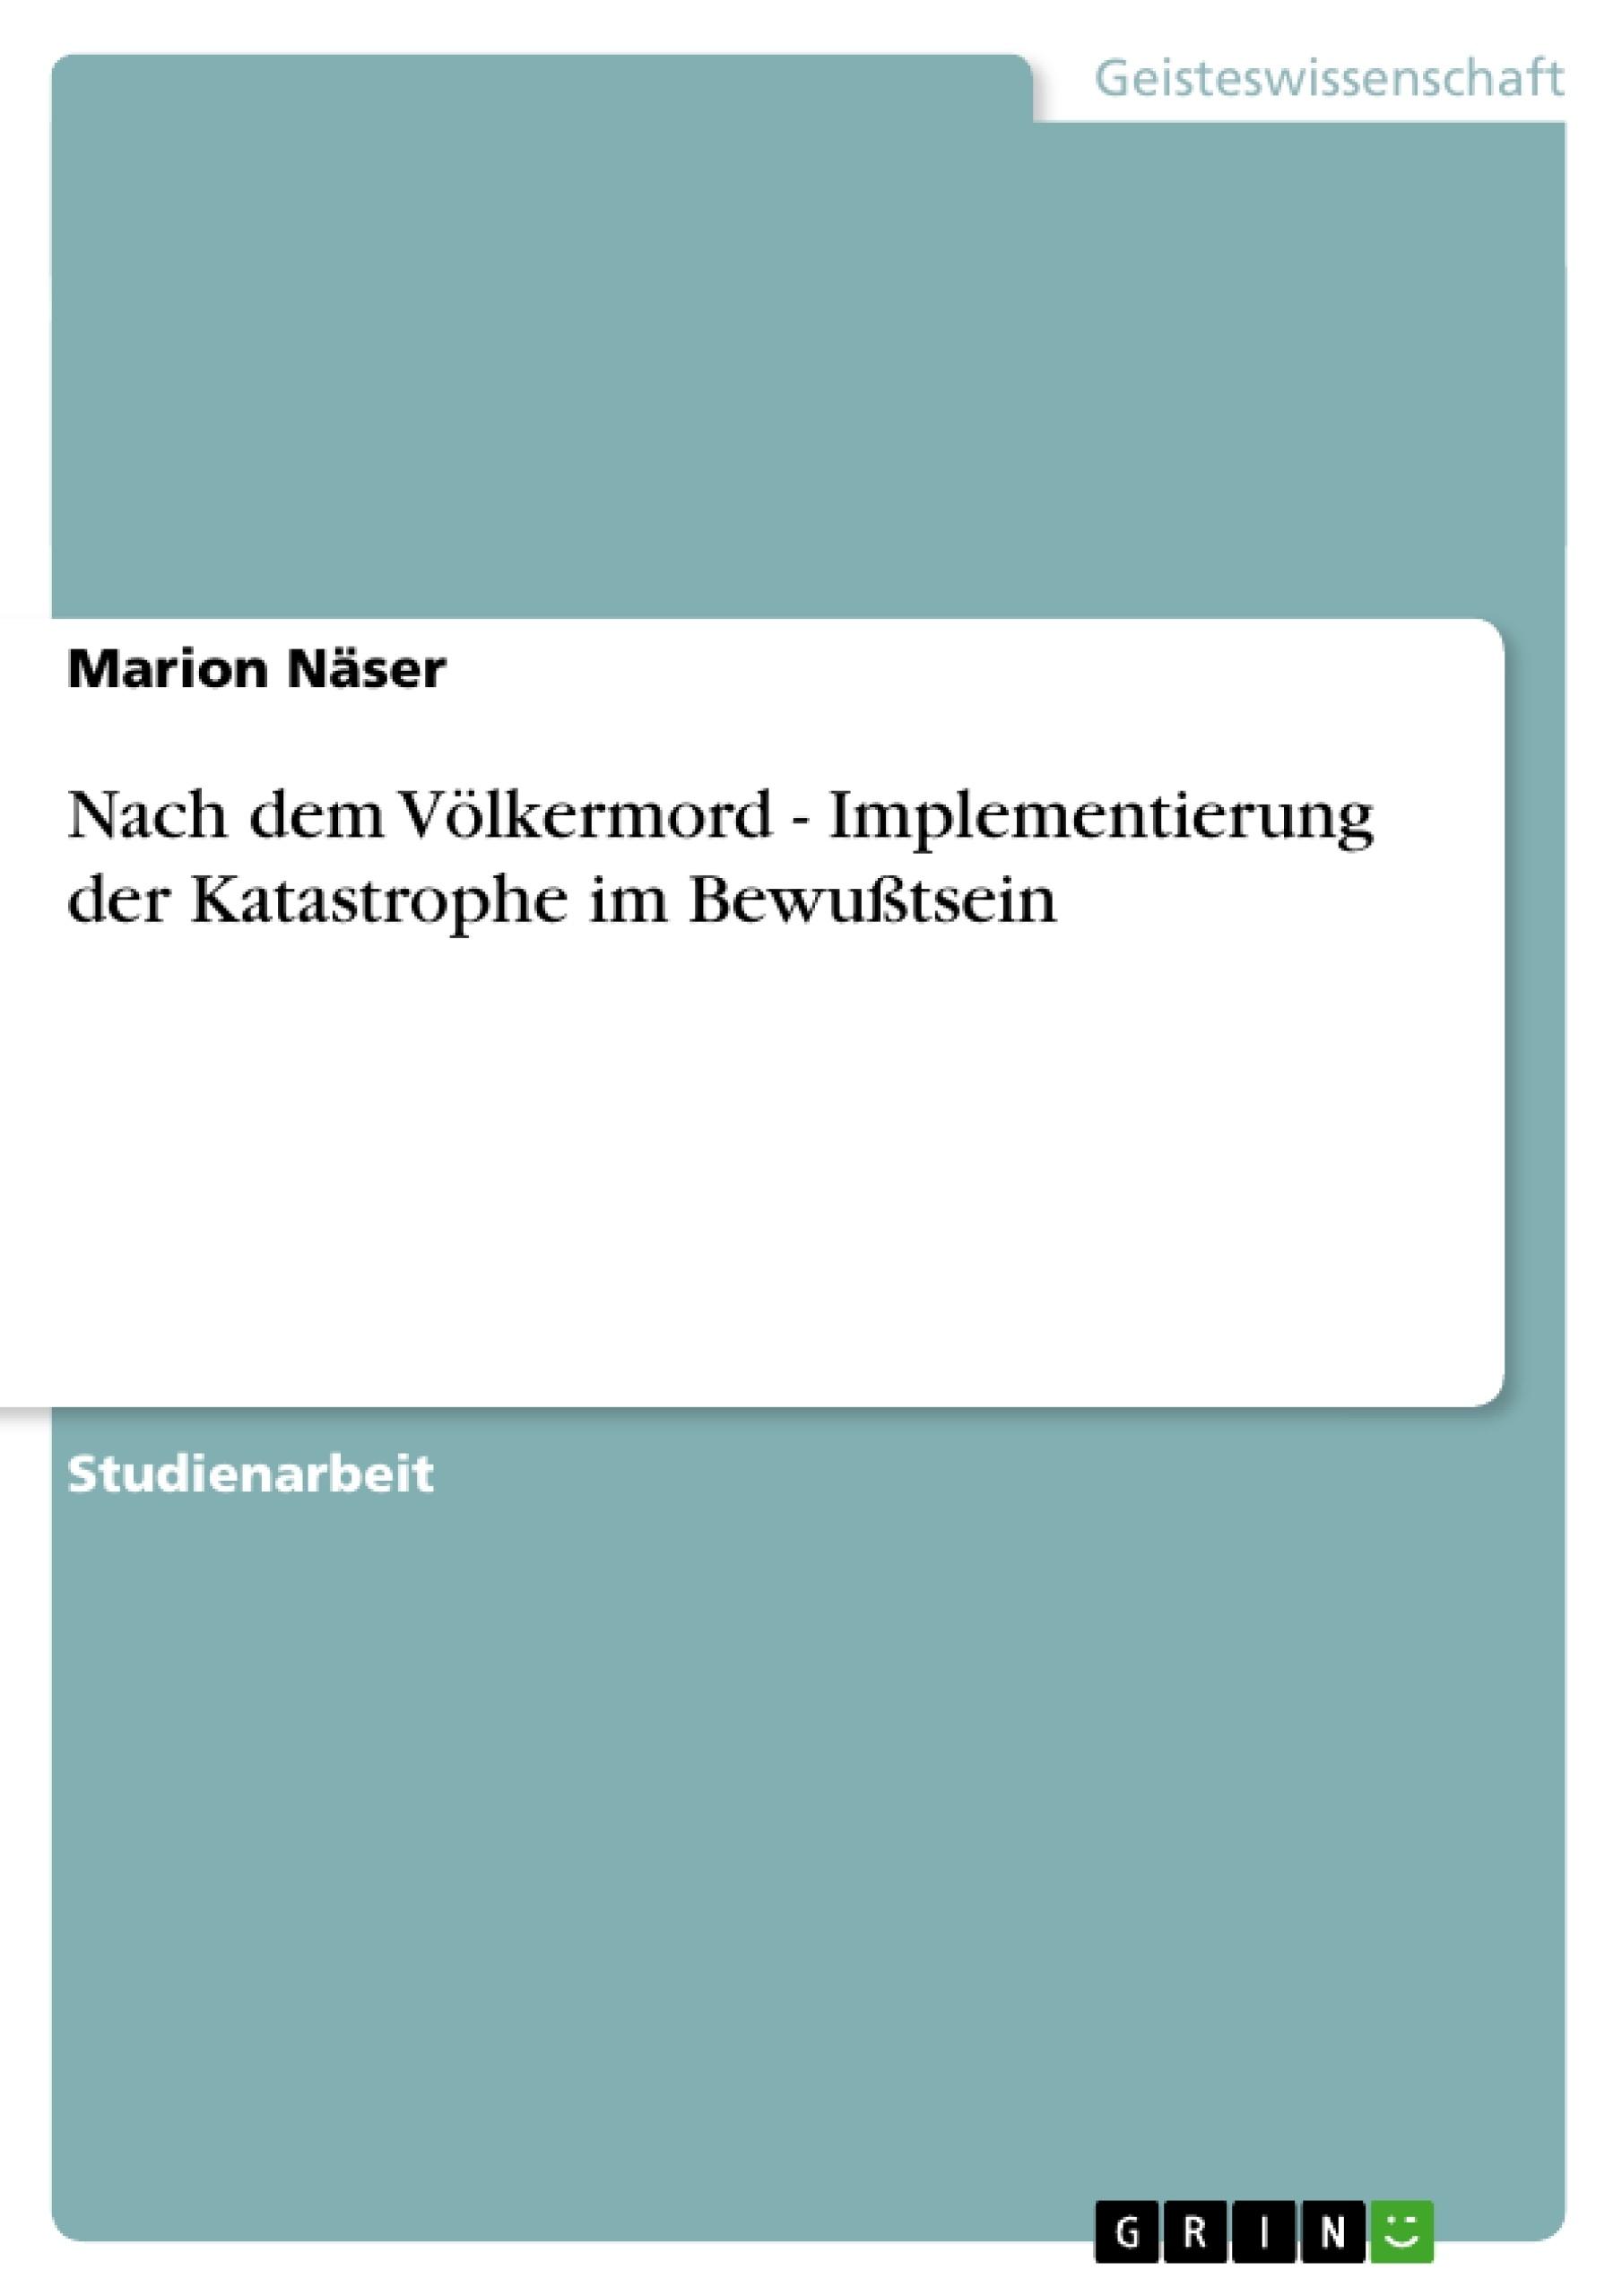 Titel: Nach dem Völkermord - Implementierung der Katastrophe im Bewußtsein